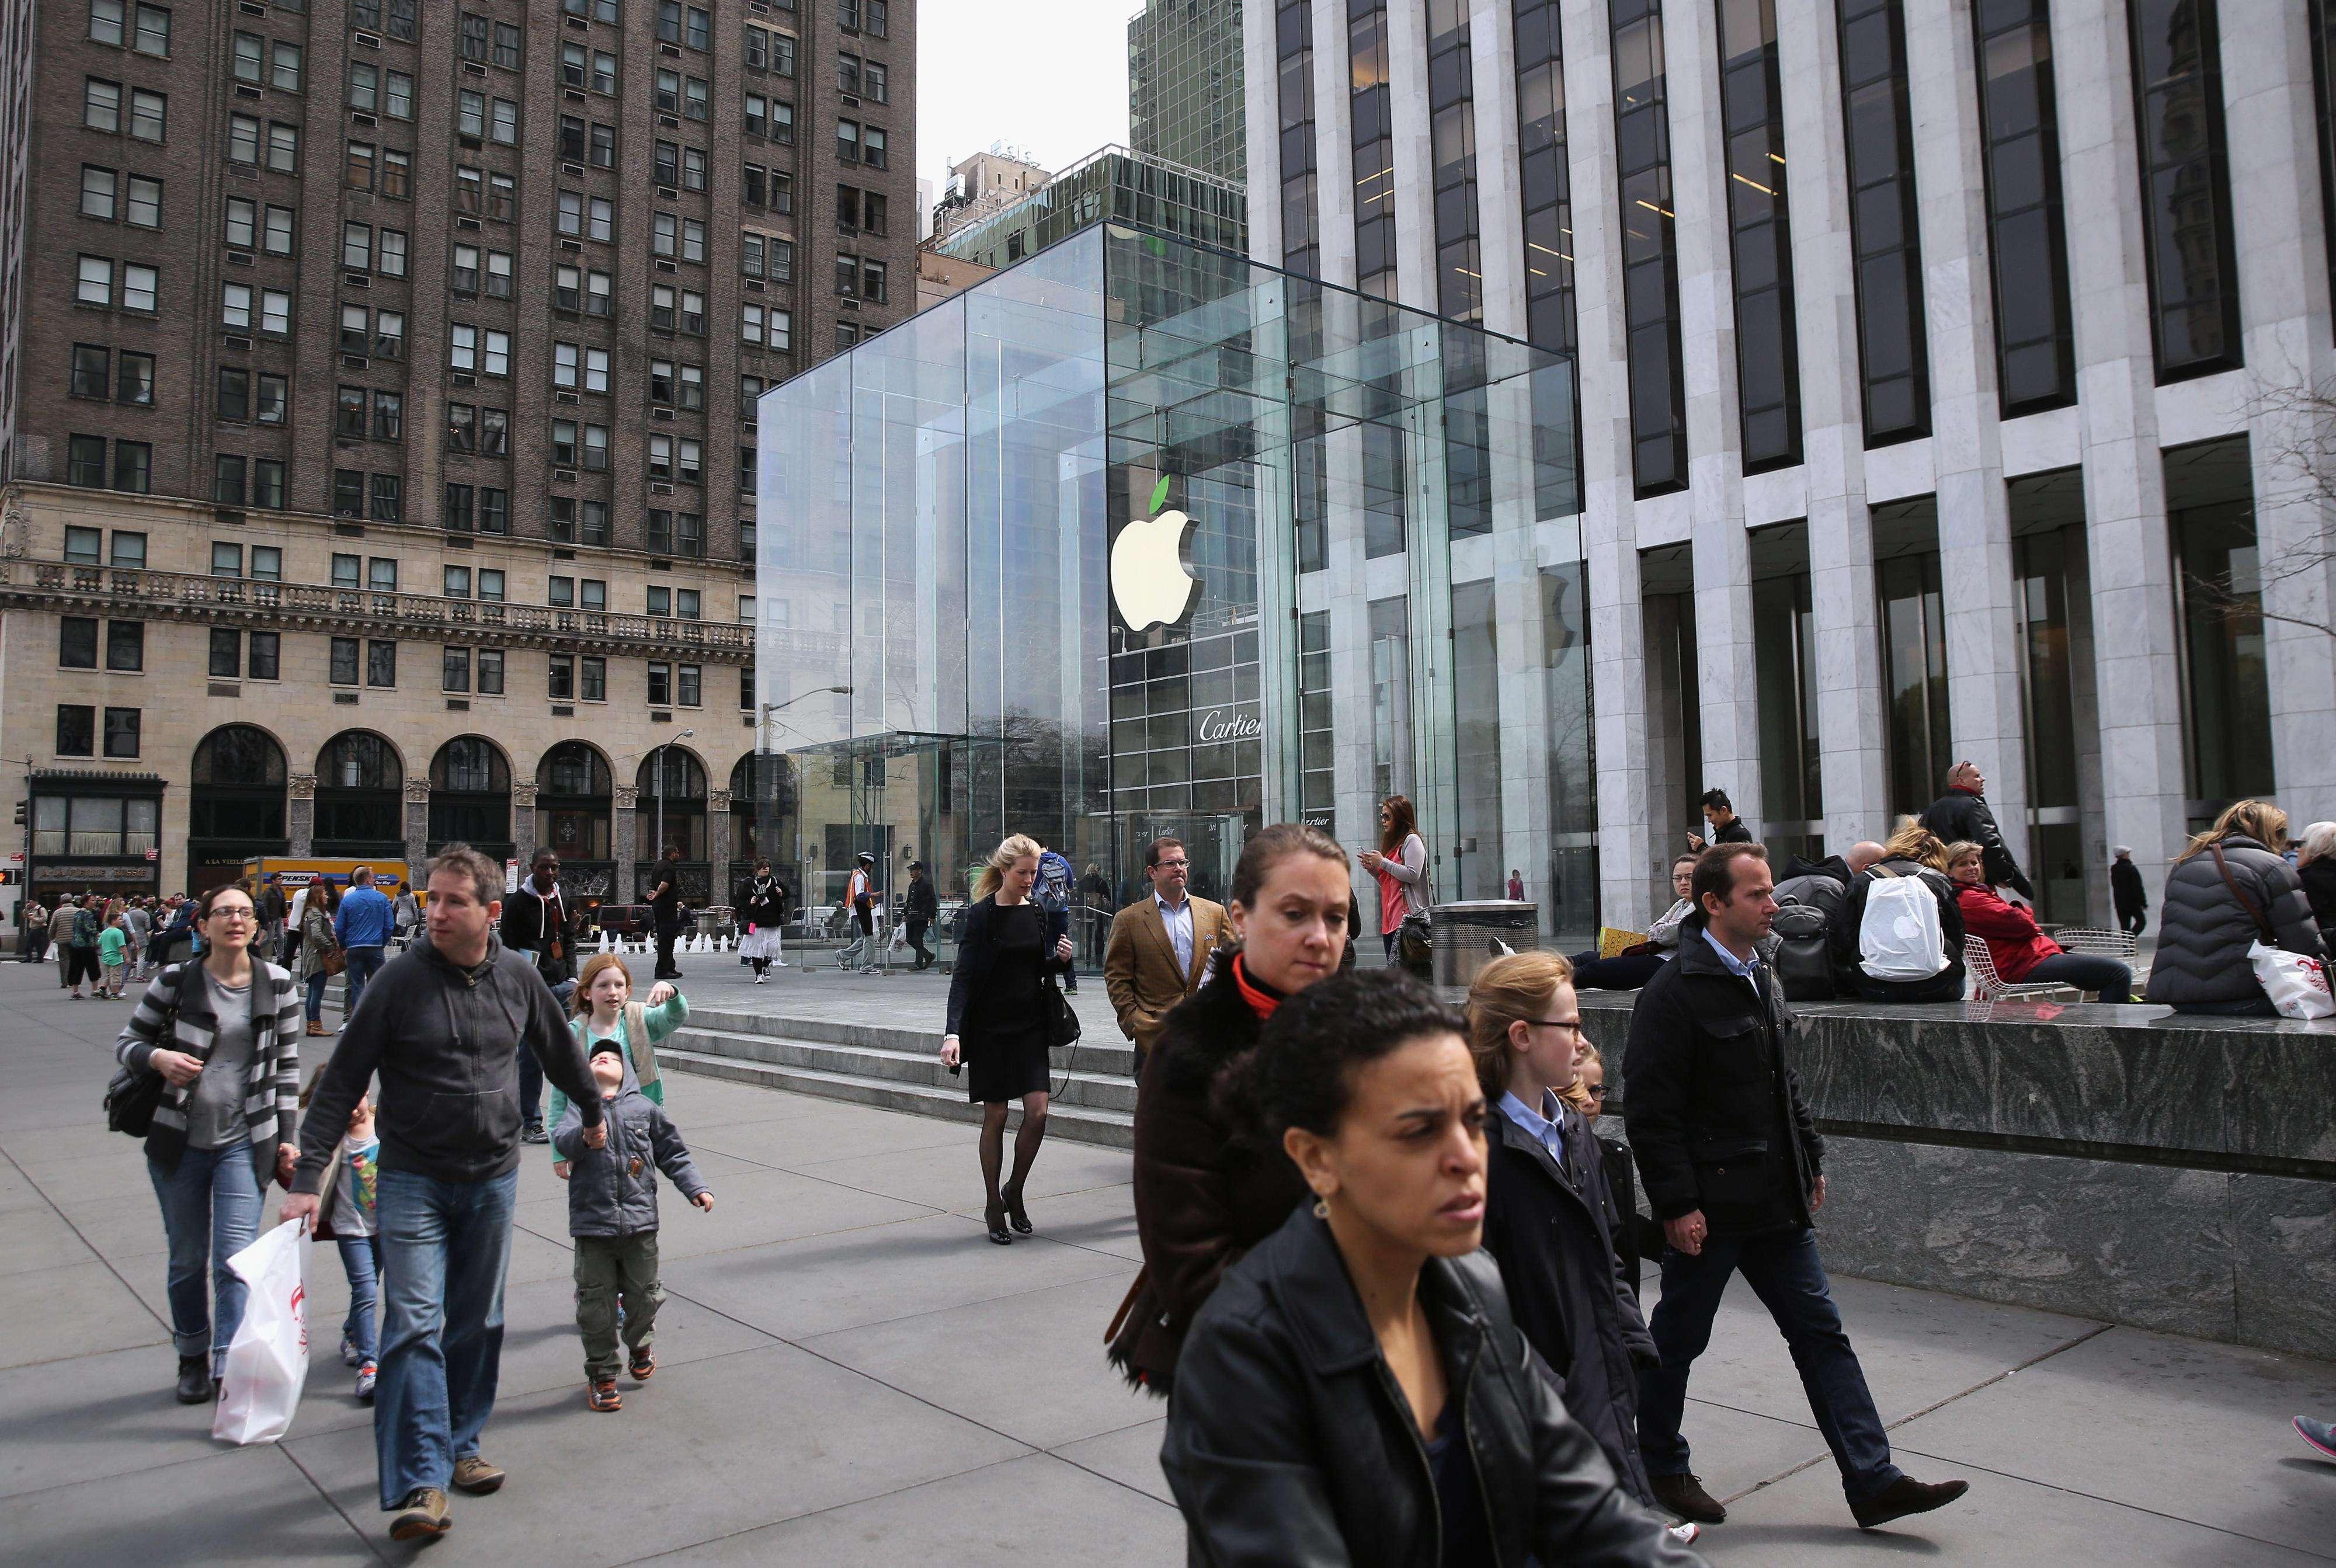 Algunas personas pasan por la tienda Apple localizada en la Quinta Avenida de NY. Foto: Getty Images